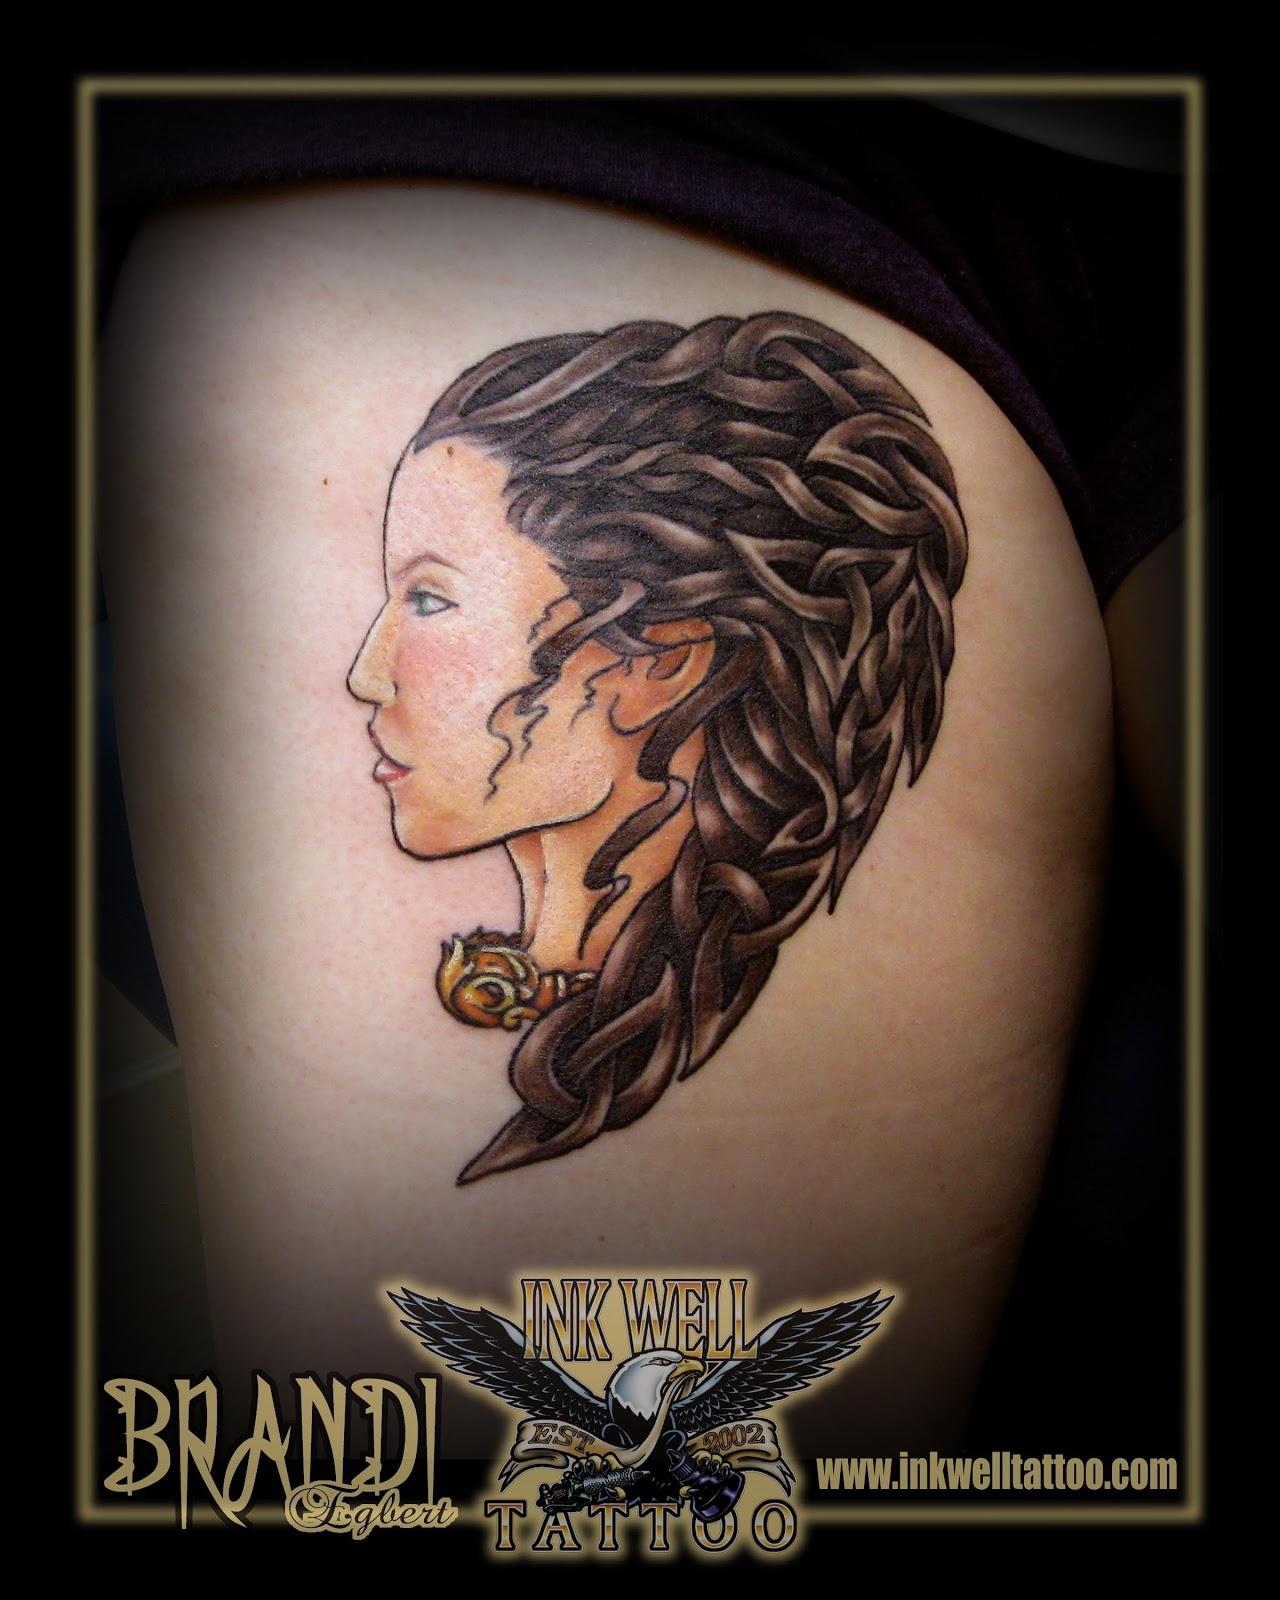 Brandi Egbert (Ink Well Tattoo